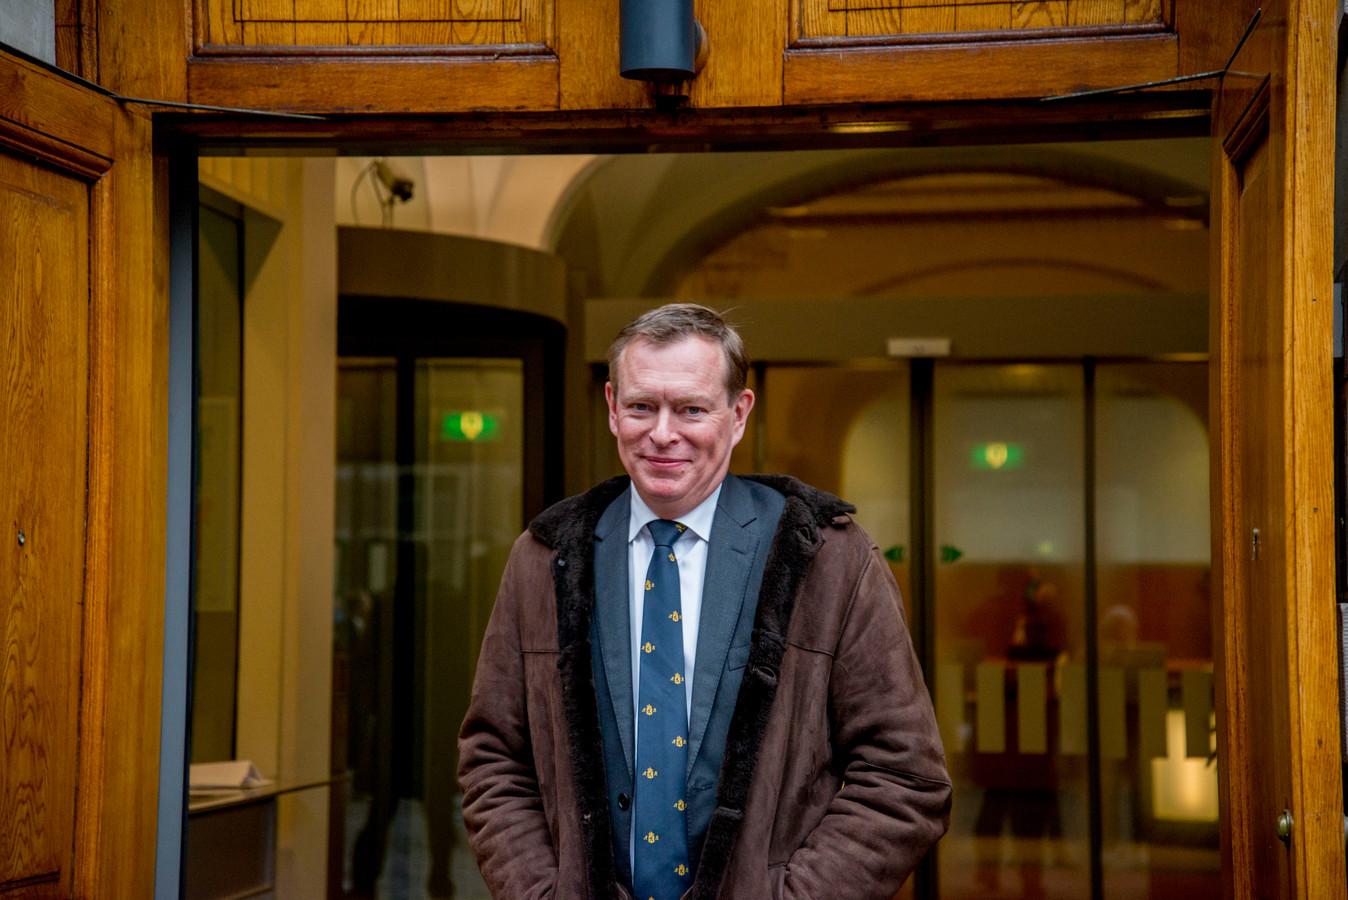 DEN HAAG - Minister Bruno Bruins voor Medische Zorg (VVD) bij aankomst op het Binnenhof voor de eerste ministerraad van het jaar.  copyrhjt julia brabander